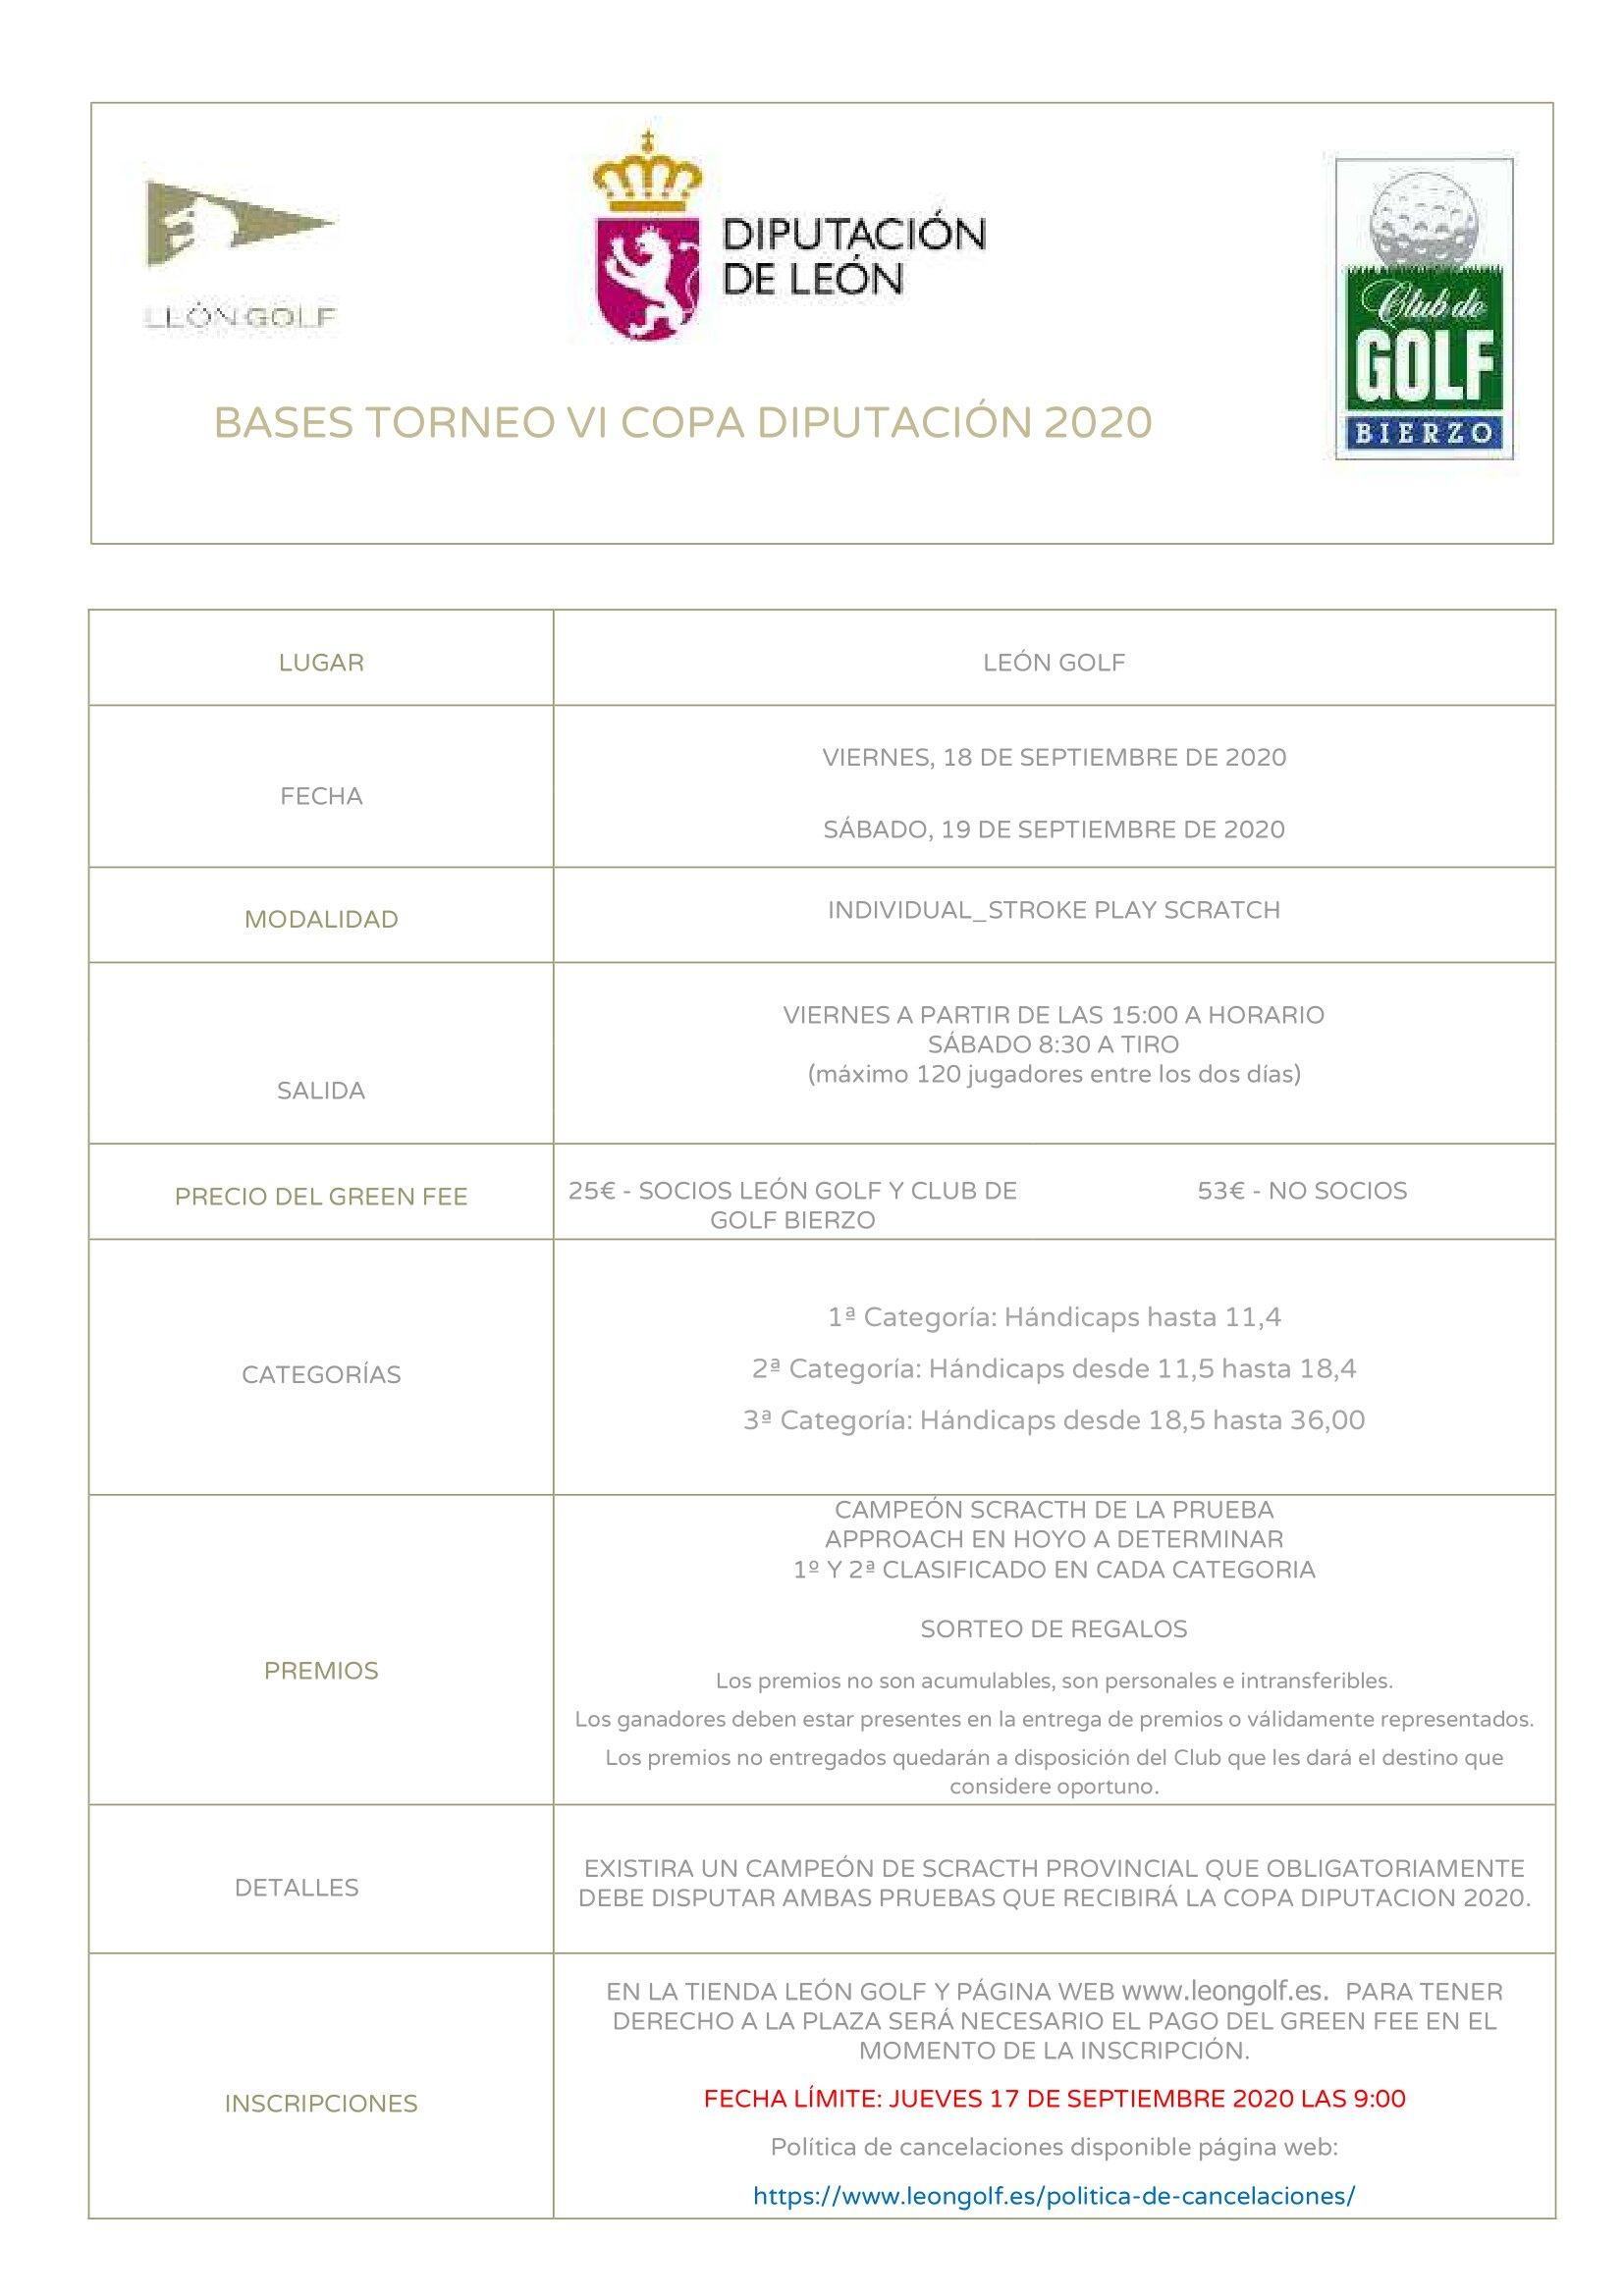 Arranca en el Club de Golf Bierzo la VI Copa Diputacion 3